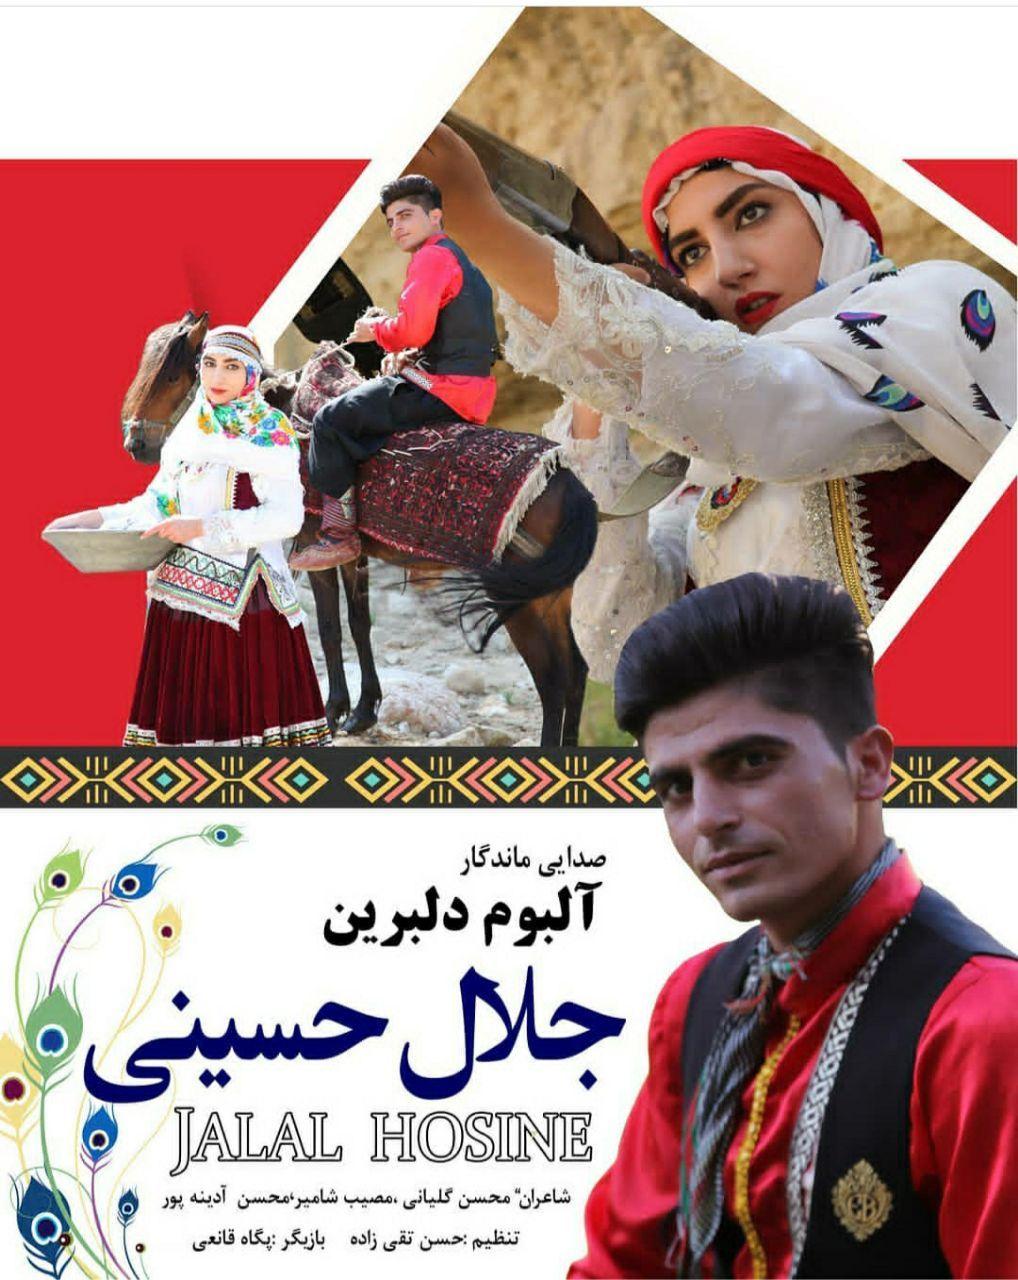 آلبوم کرمانجی زیبا با صدای جلال حسینی به نام بوکا دلبرین